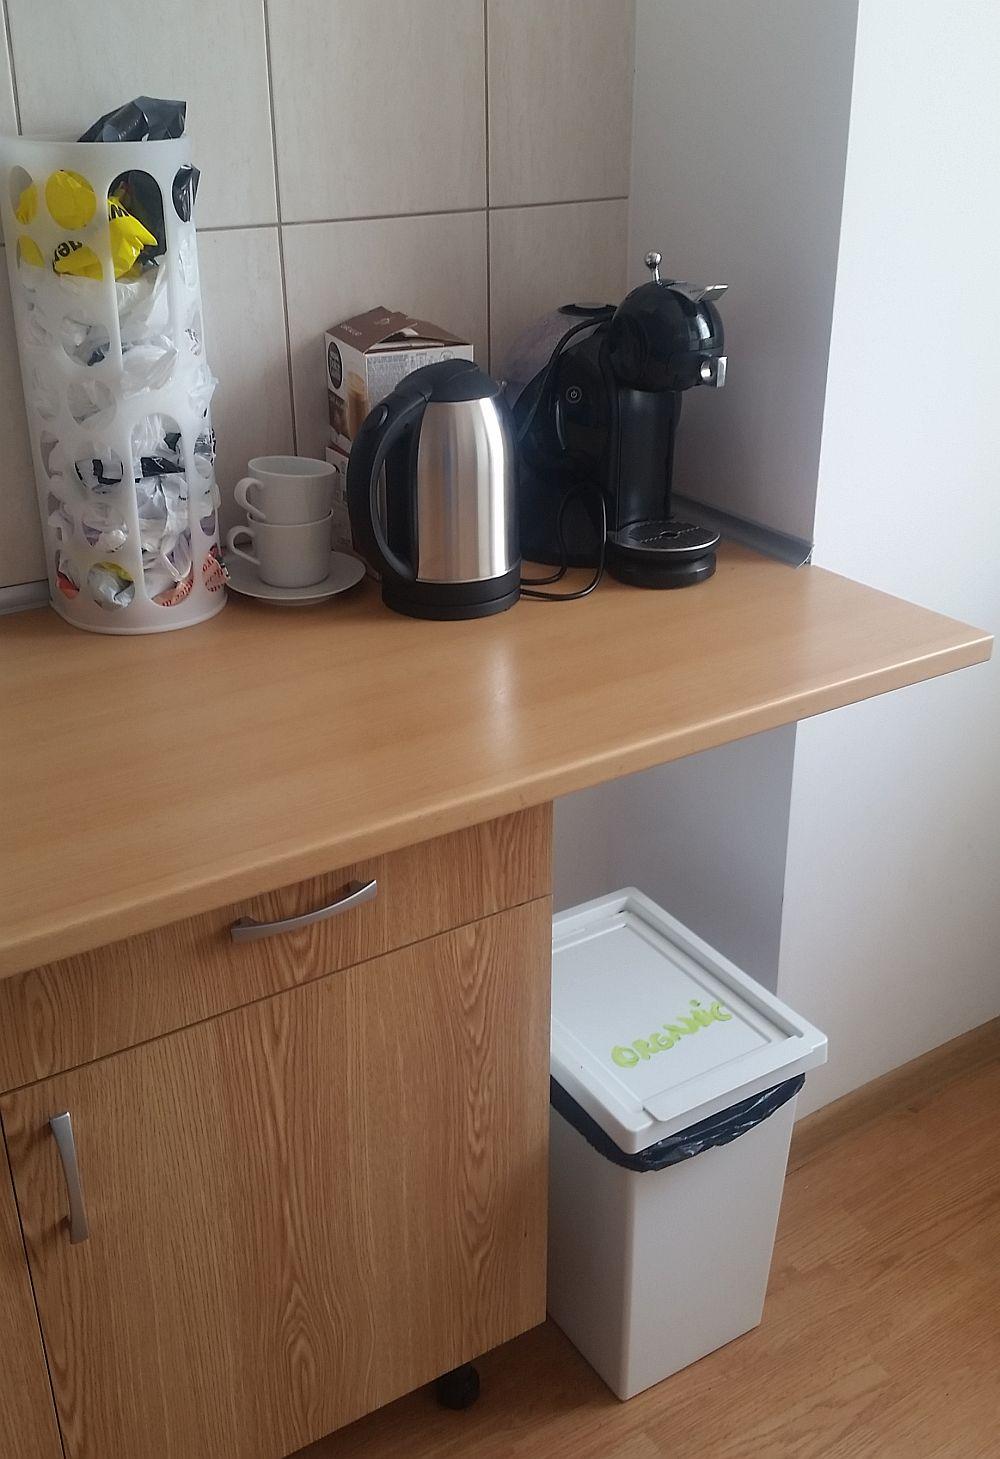 adelaparvu.com despre produse IKEA care te ajuta la reciclat (4)